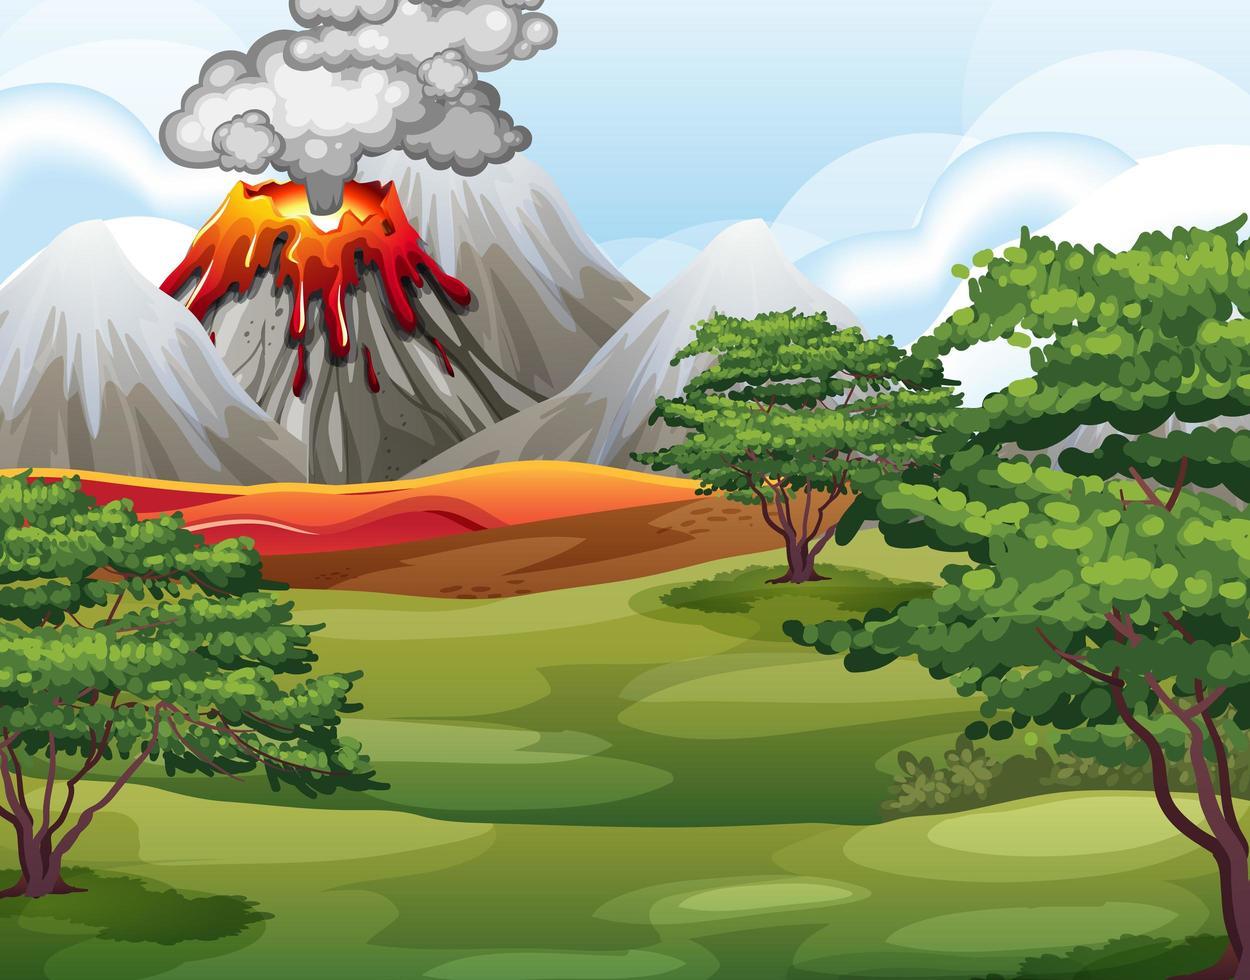 vulkanutbrott i naturen skogscen på dagtid vektor